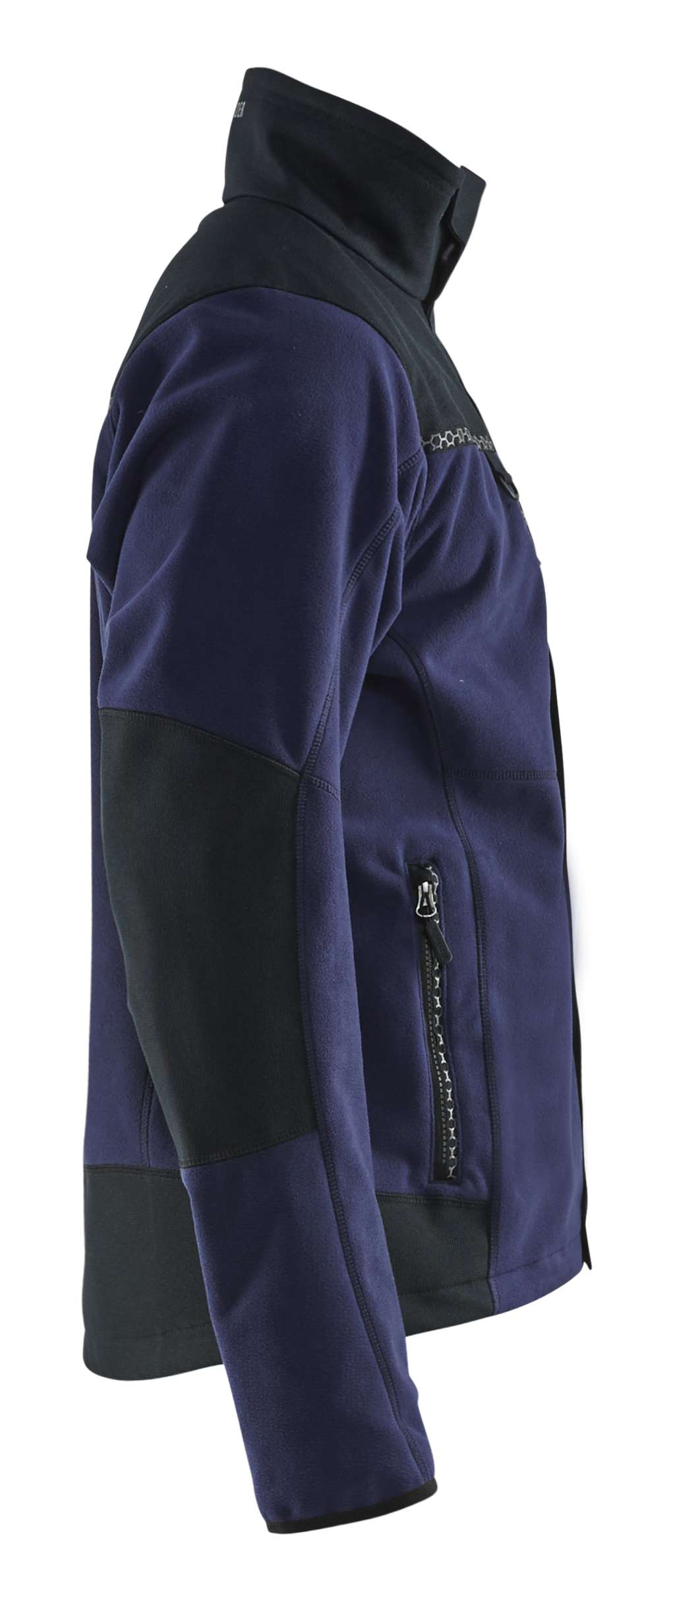 Blaklader Fleece jassen 49552524 marineblauw-zwart(8999)